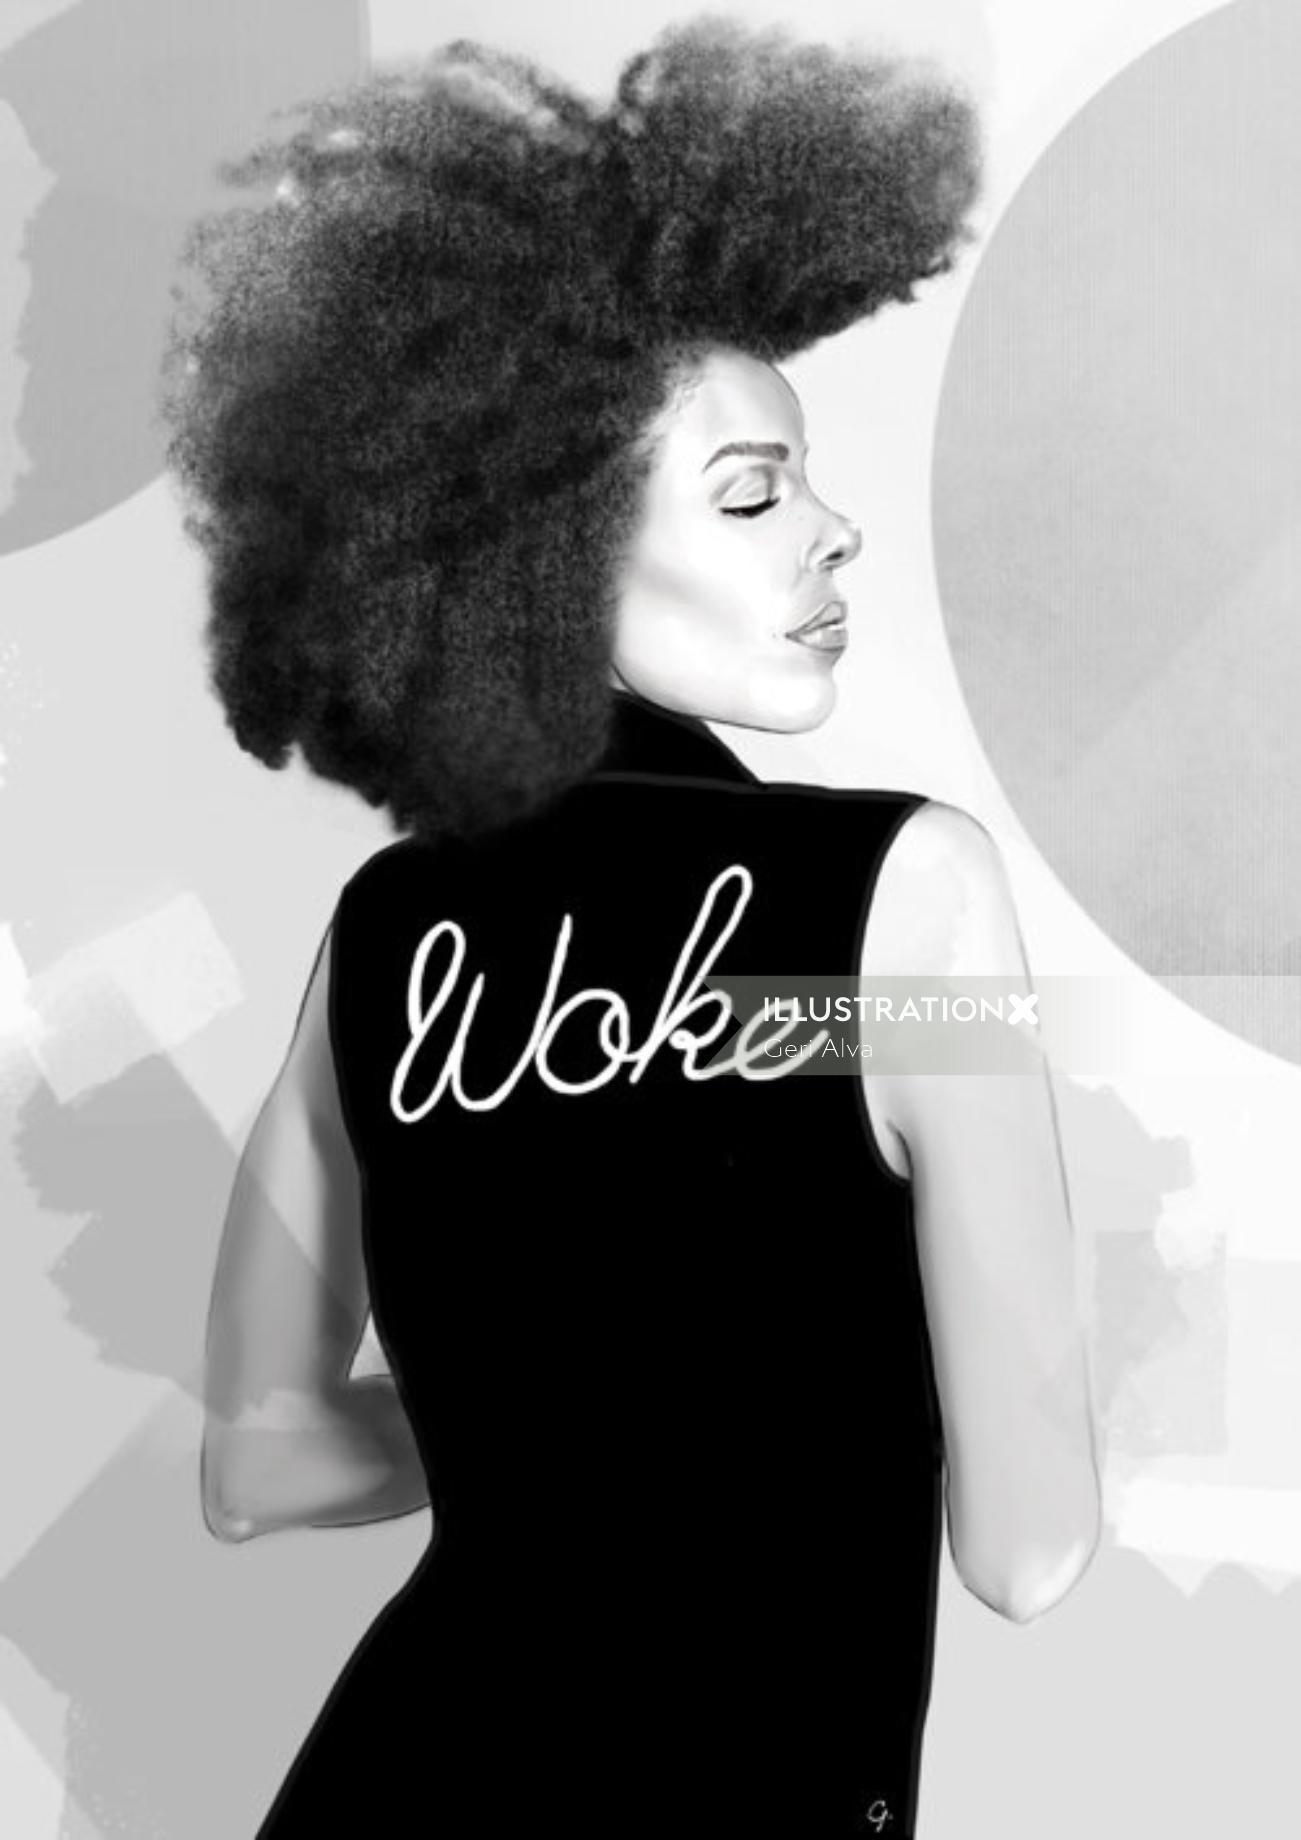 Black and white fashion illustration of woke lady